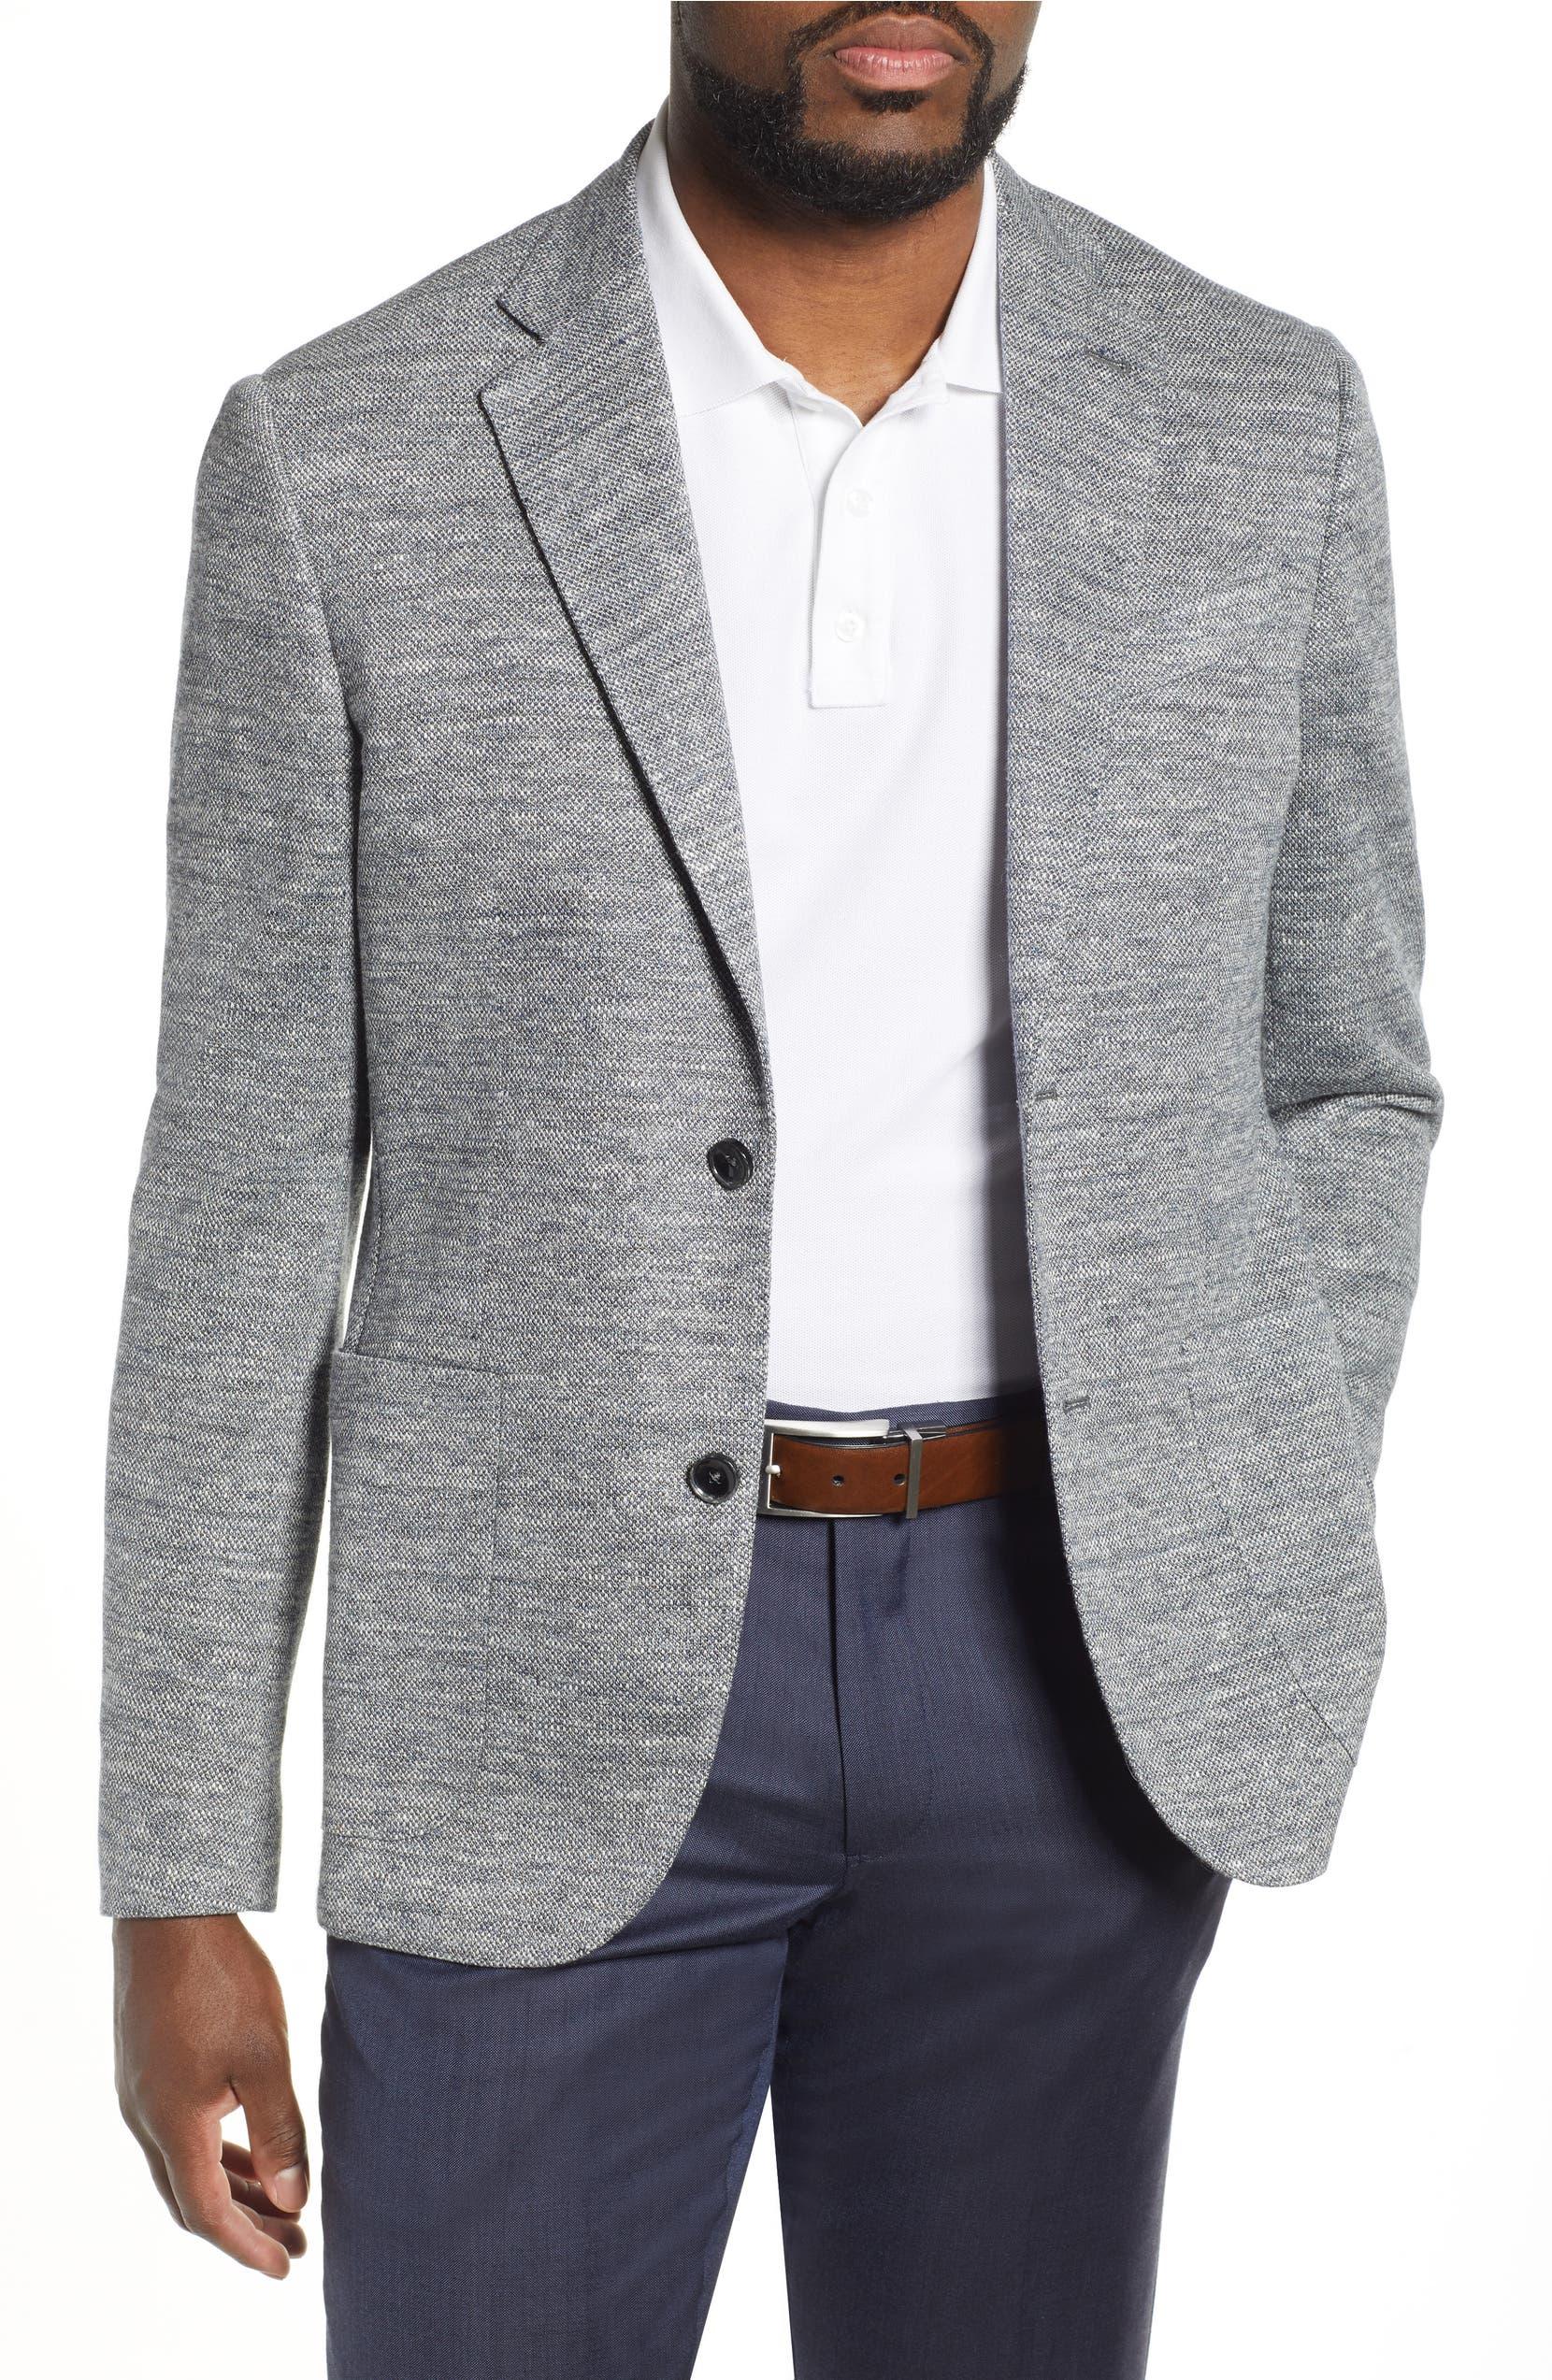 3f1cd5f7d2ca Nordstrom Signature Trim Fit Solid Knit Linen Blend Sport Coat ...